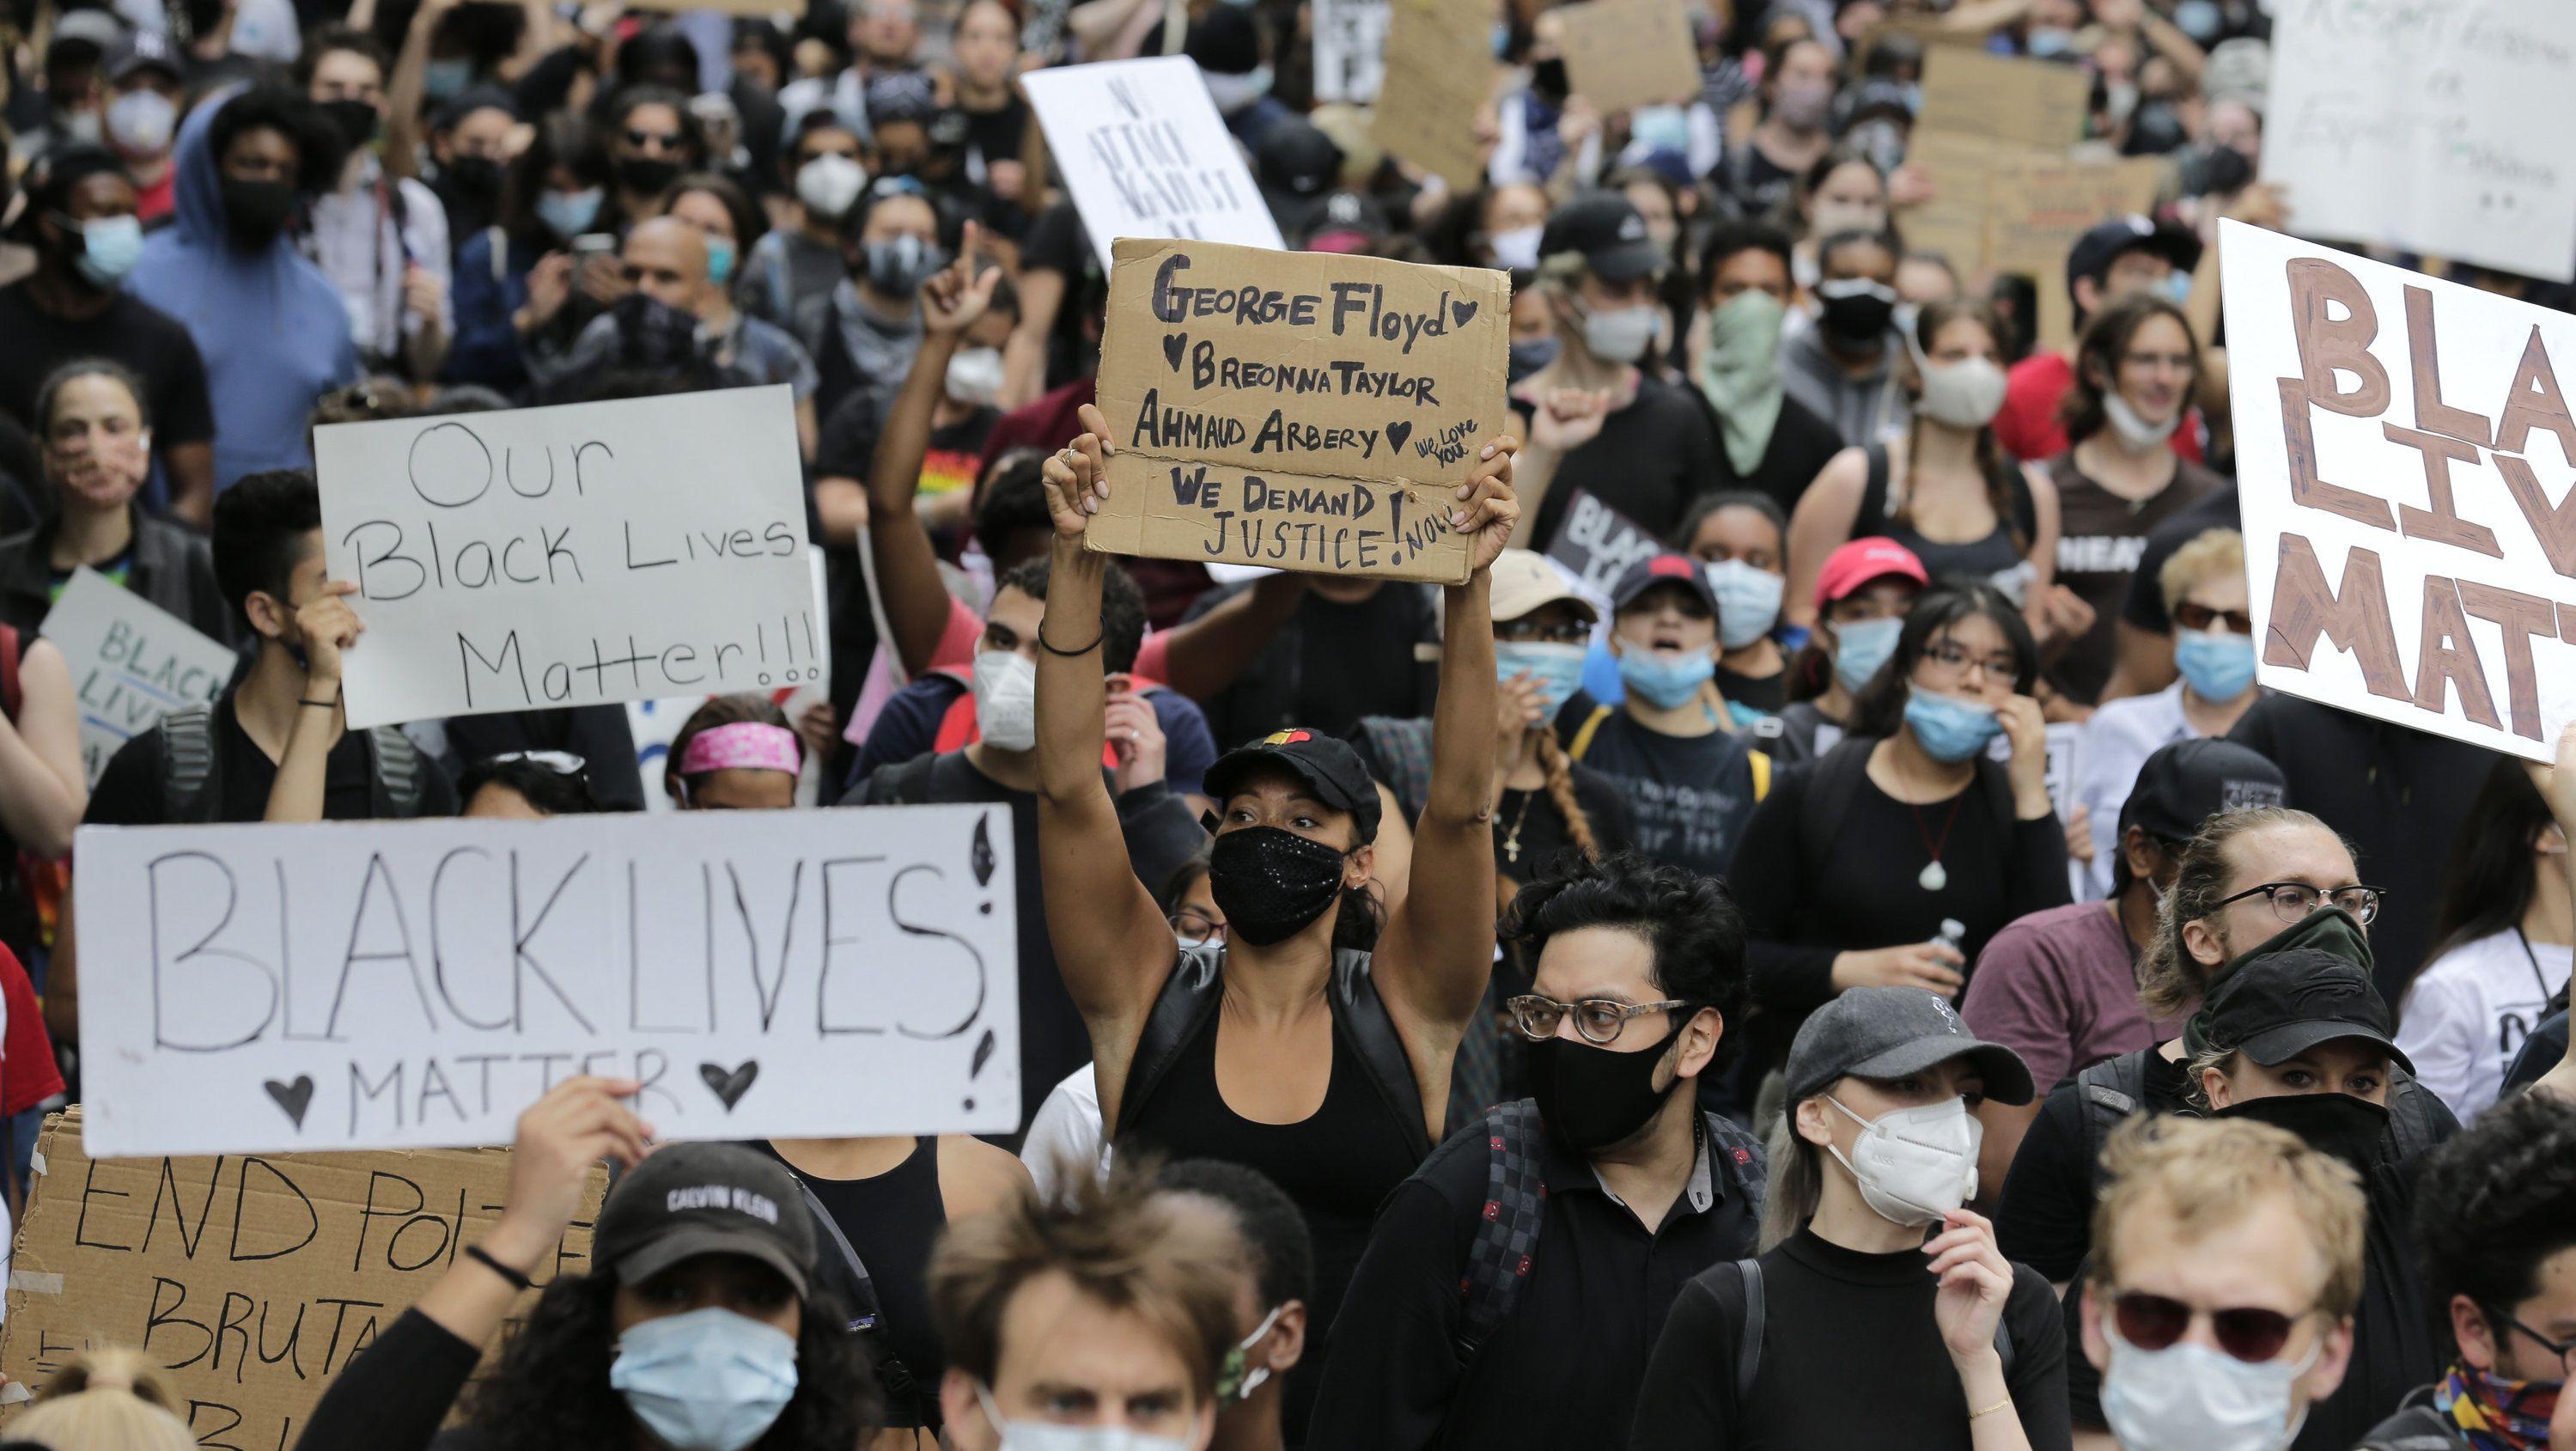 Protestmarsch in New York am 2.6.20 wegen des gewaltsamen Todes des Afroamerikaners Floyd durch einen weißen Polizisten